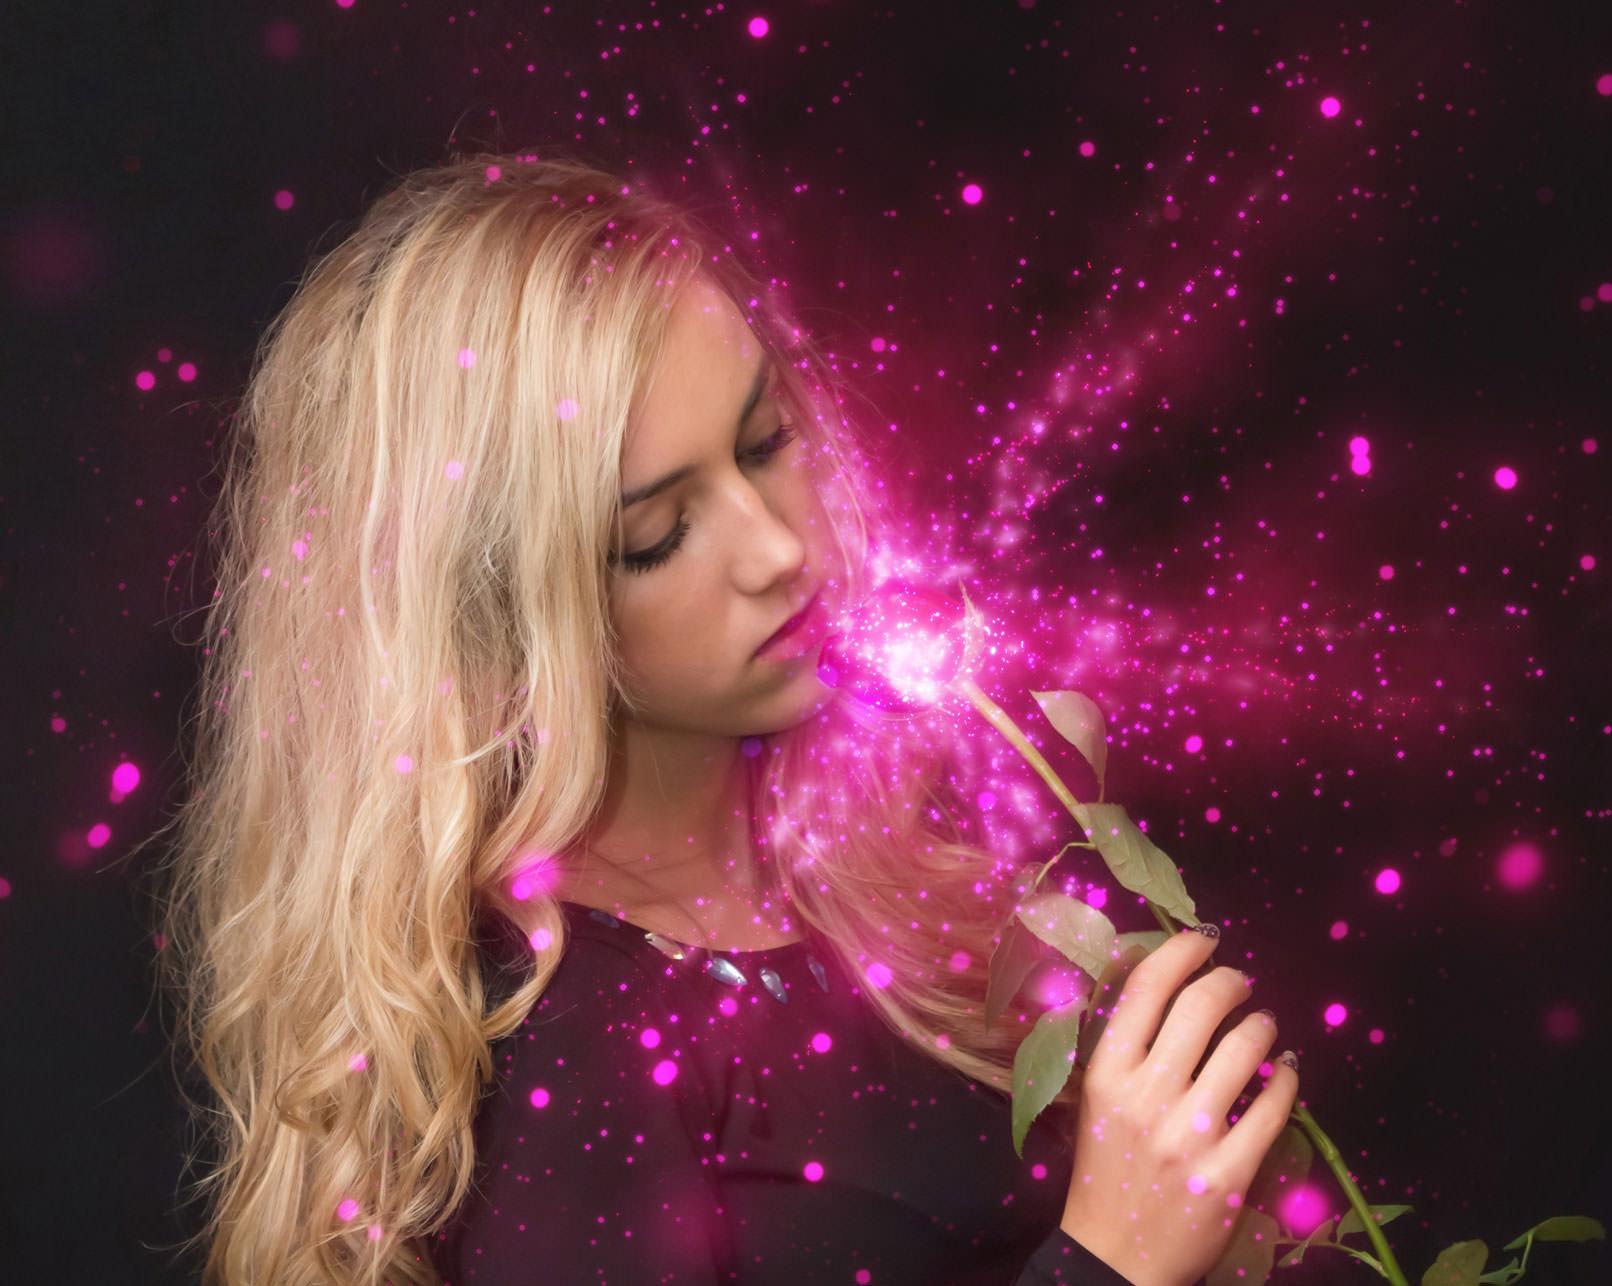 Frau mit Blume, Foto überlagert Glitzereffekt eines Sterne-Bilds